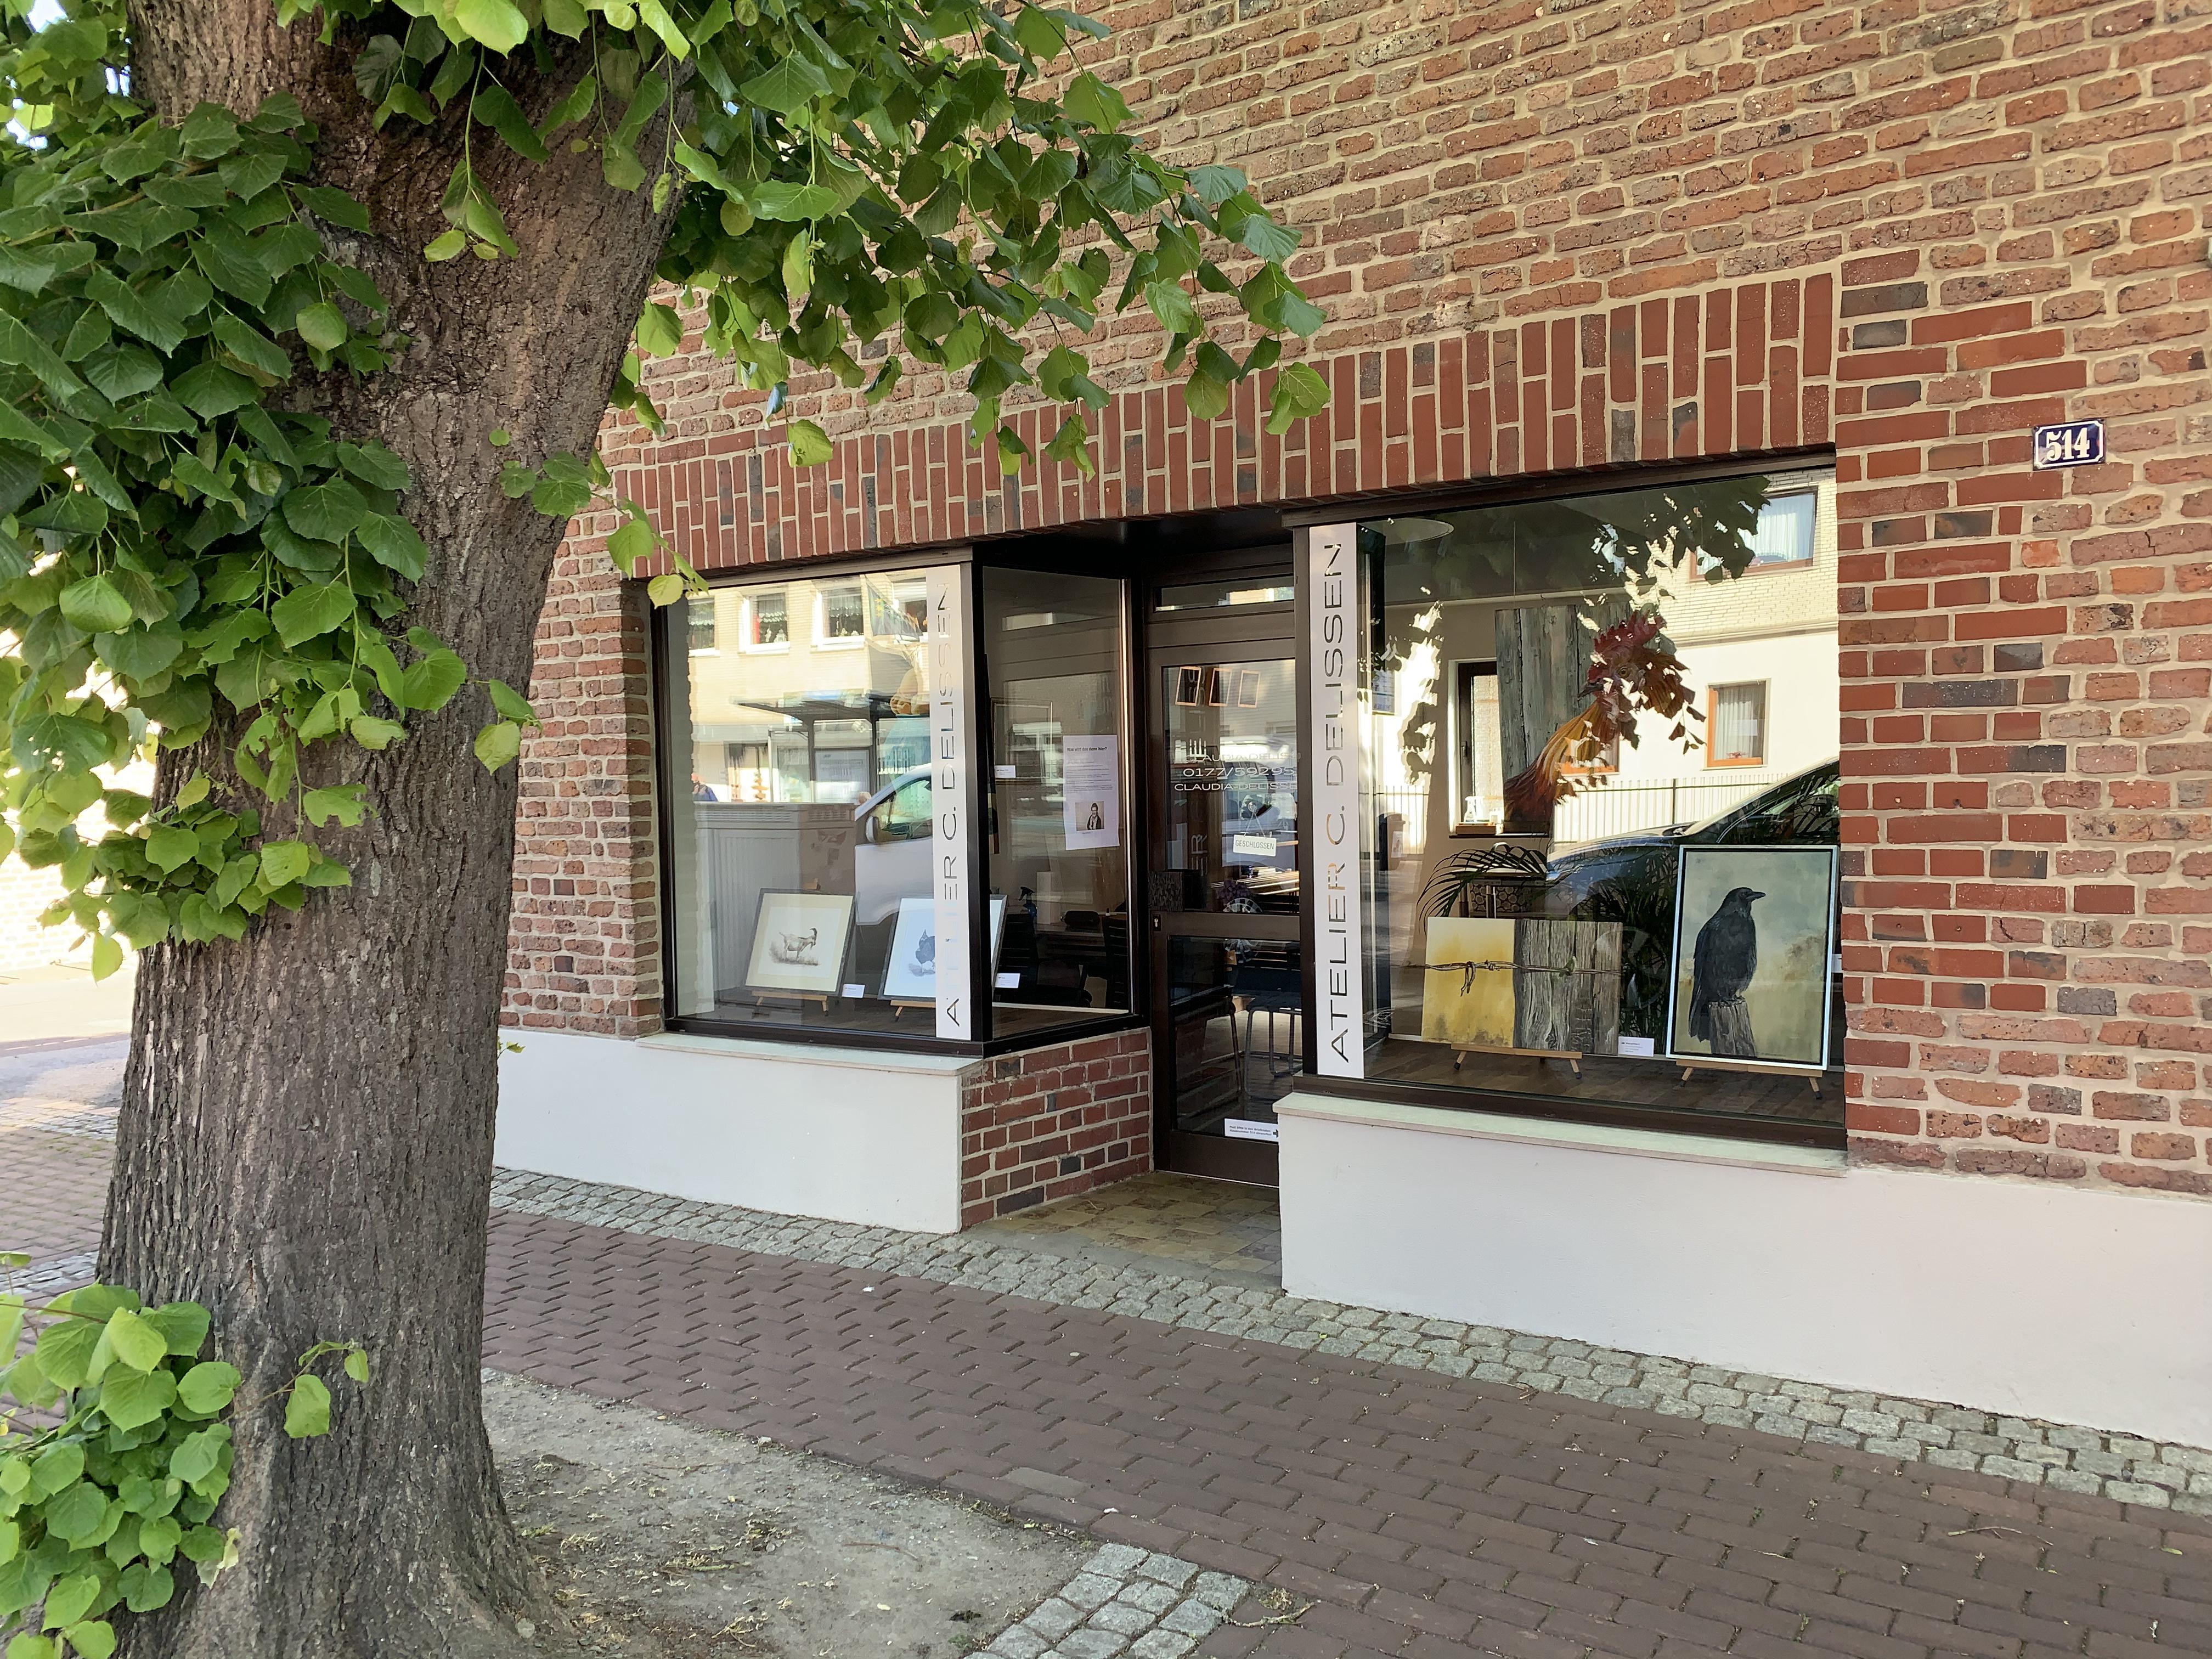 Vorster Str. 514, 41169 Mönchengladbach